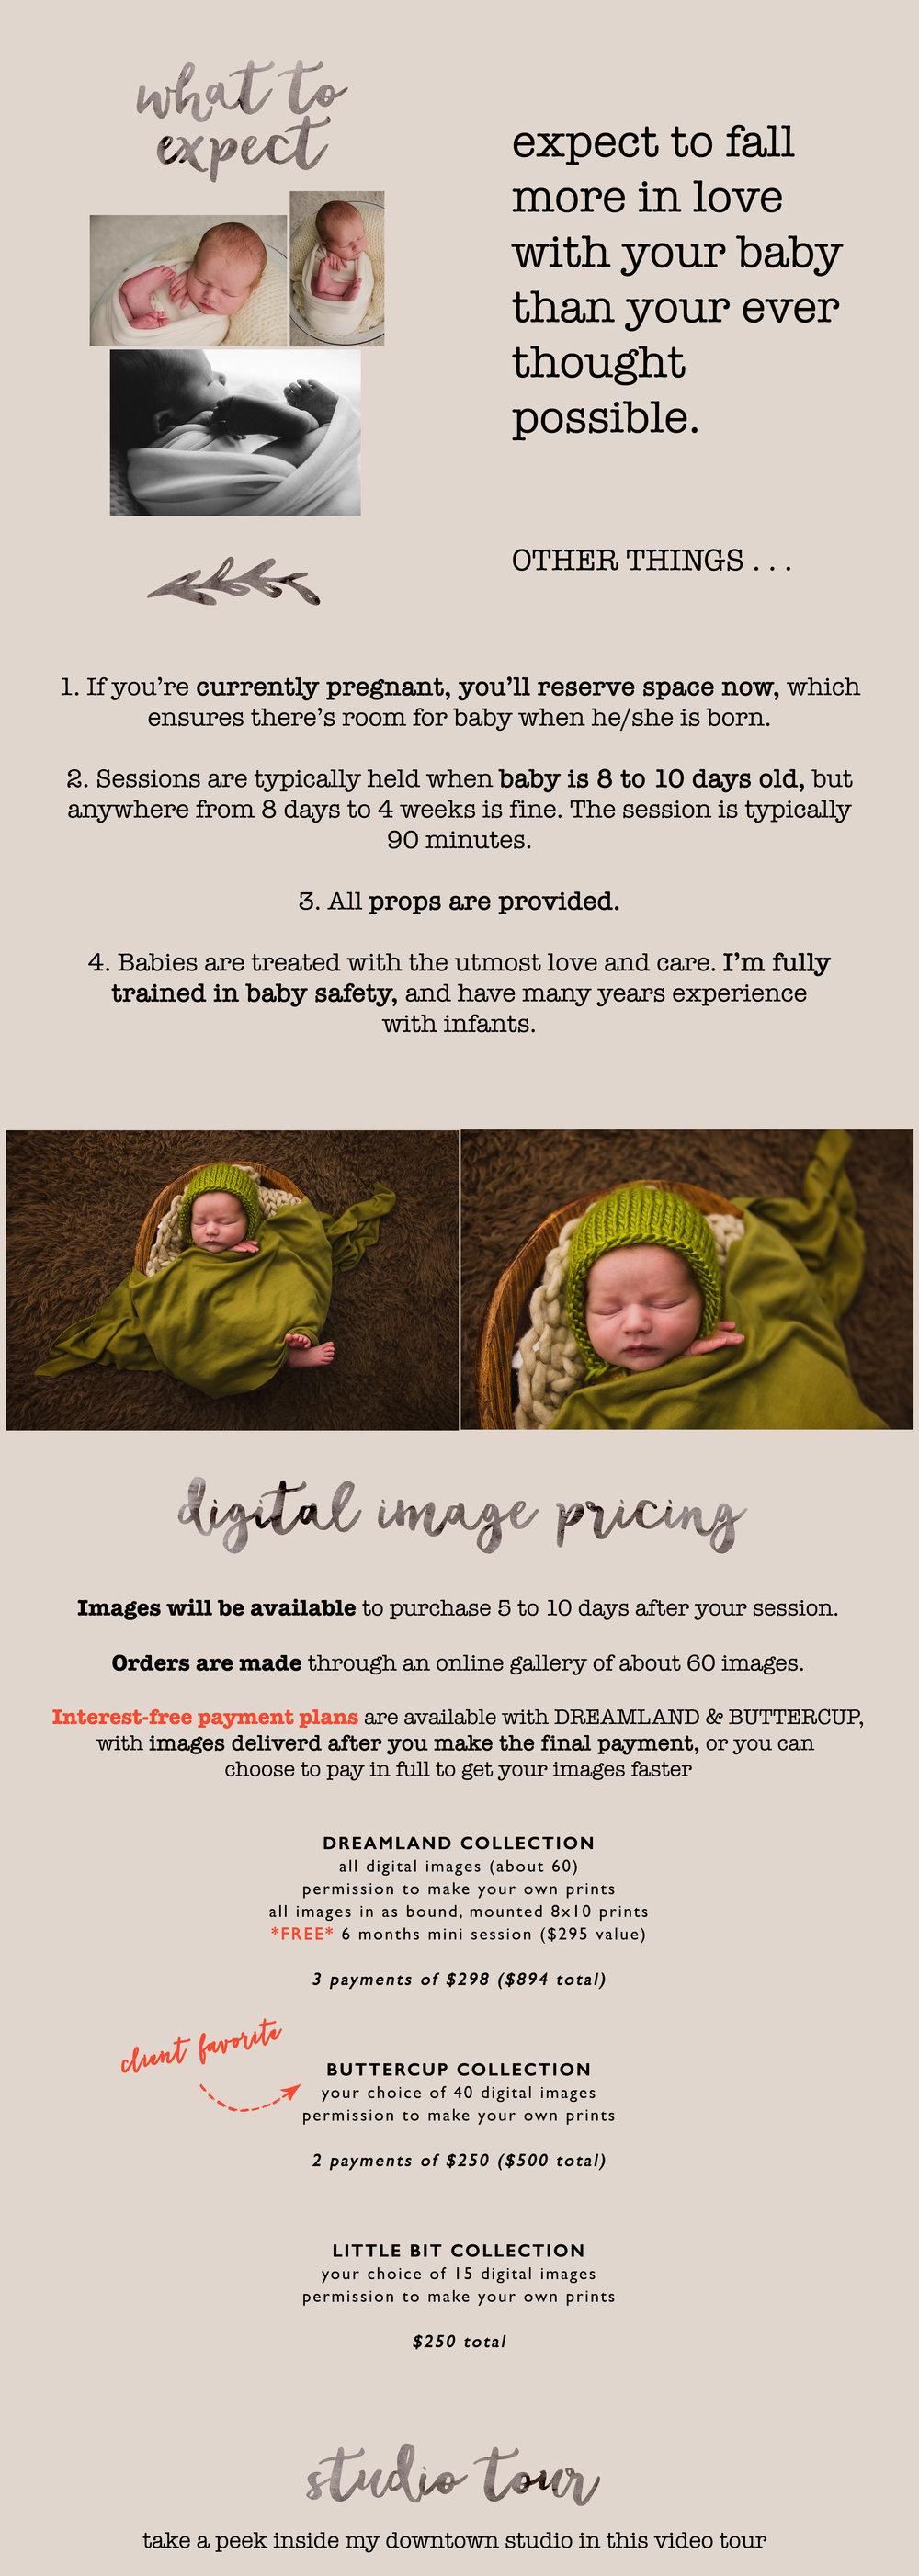 newborn info 2 copy copy 2.jpg